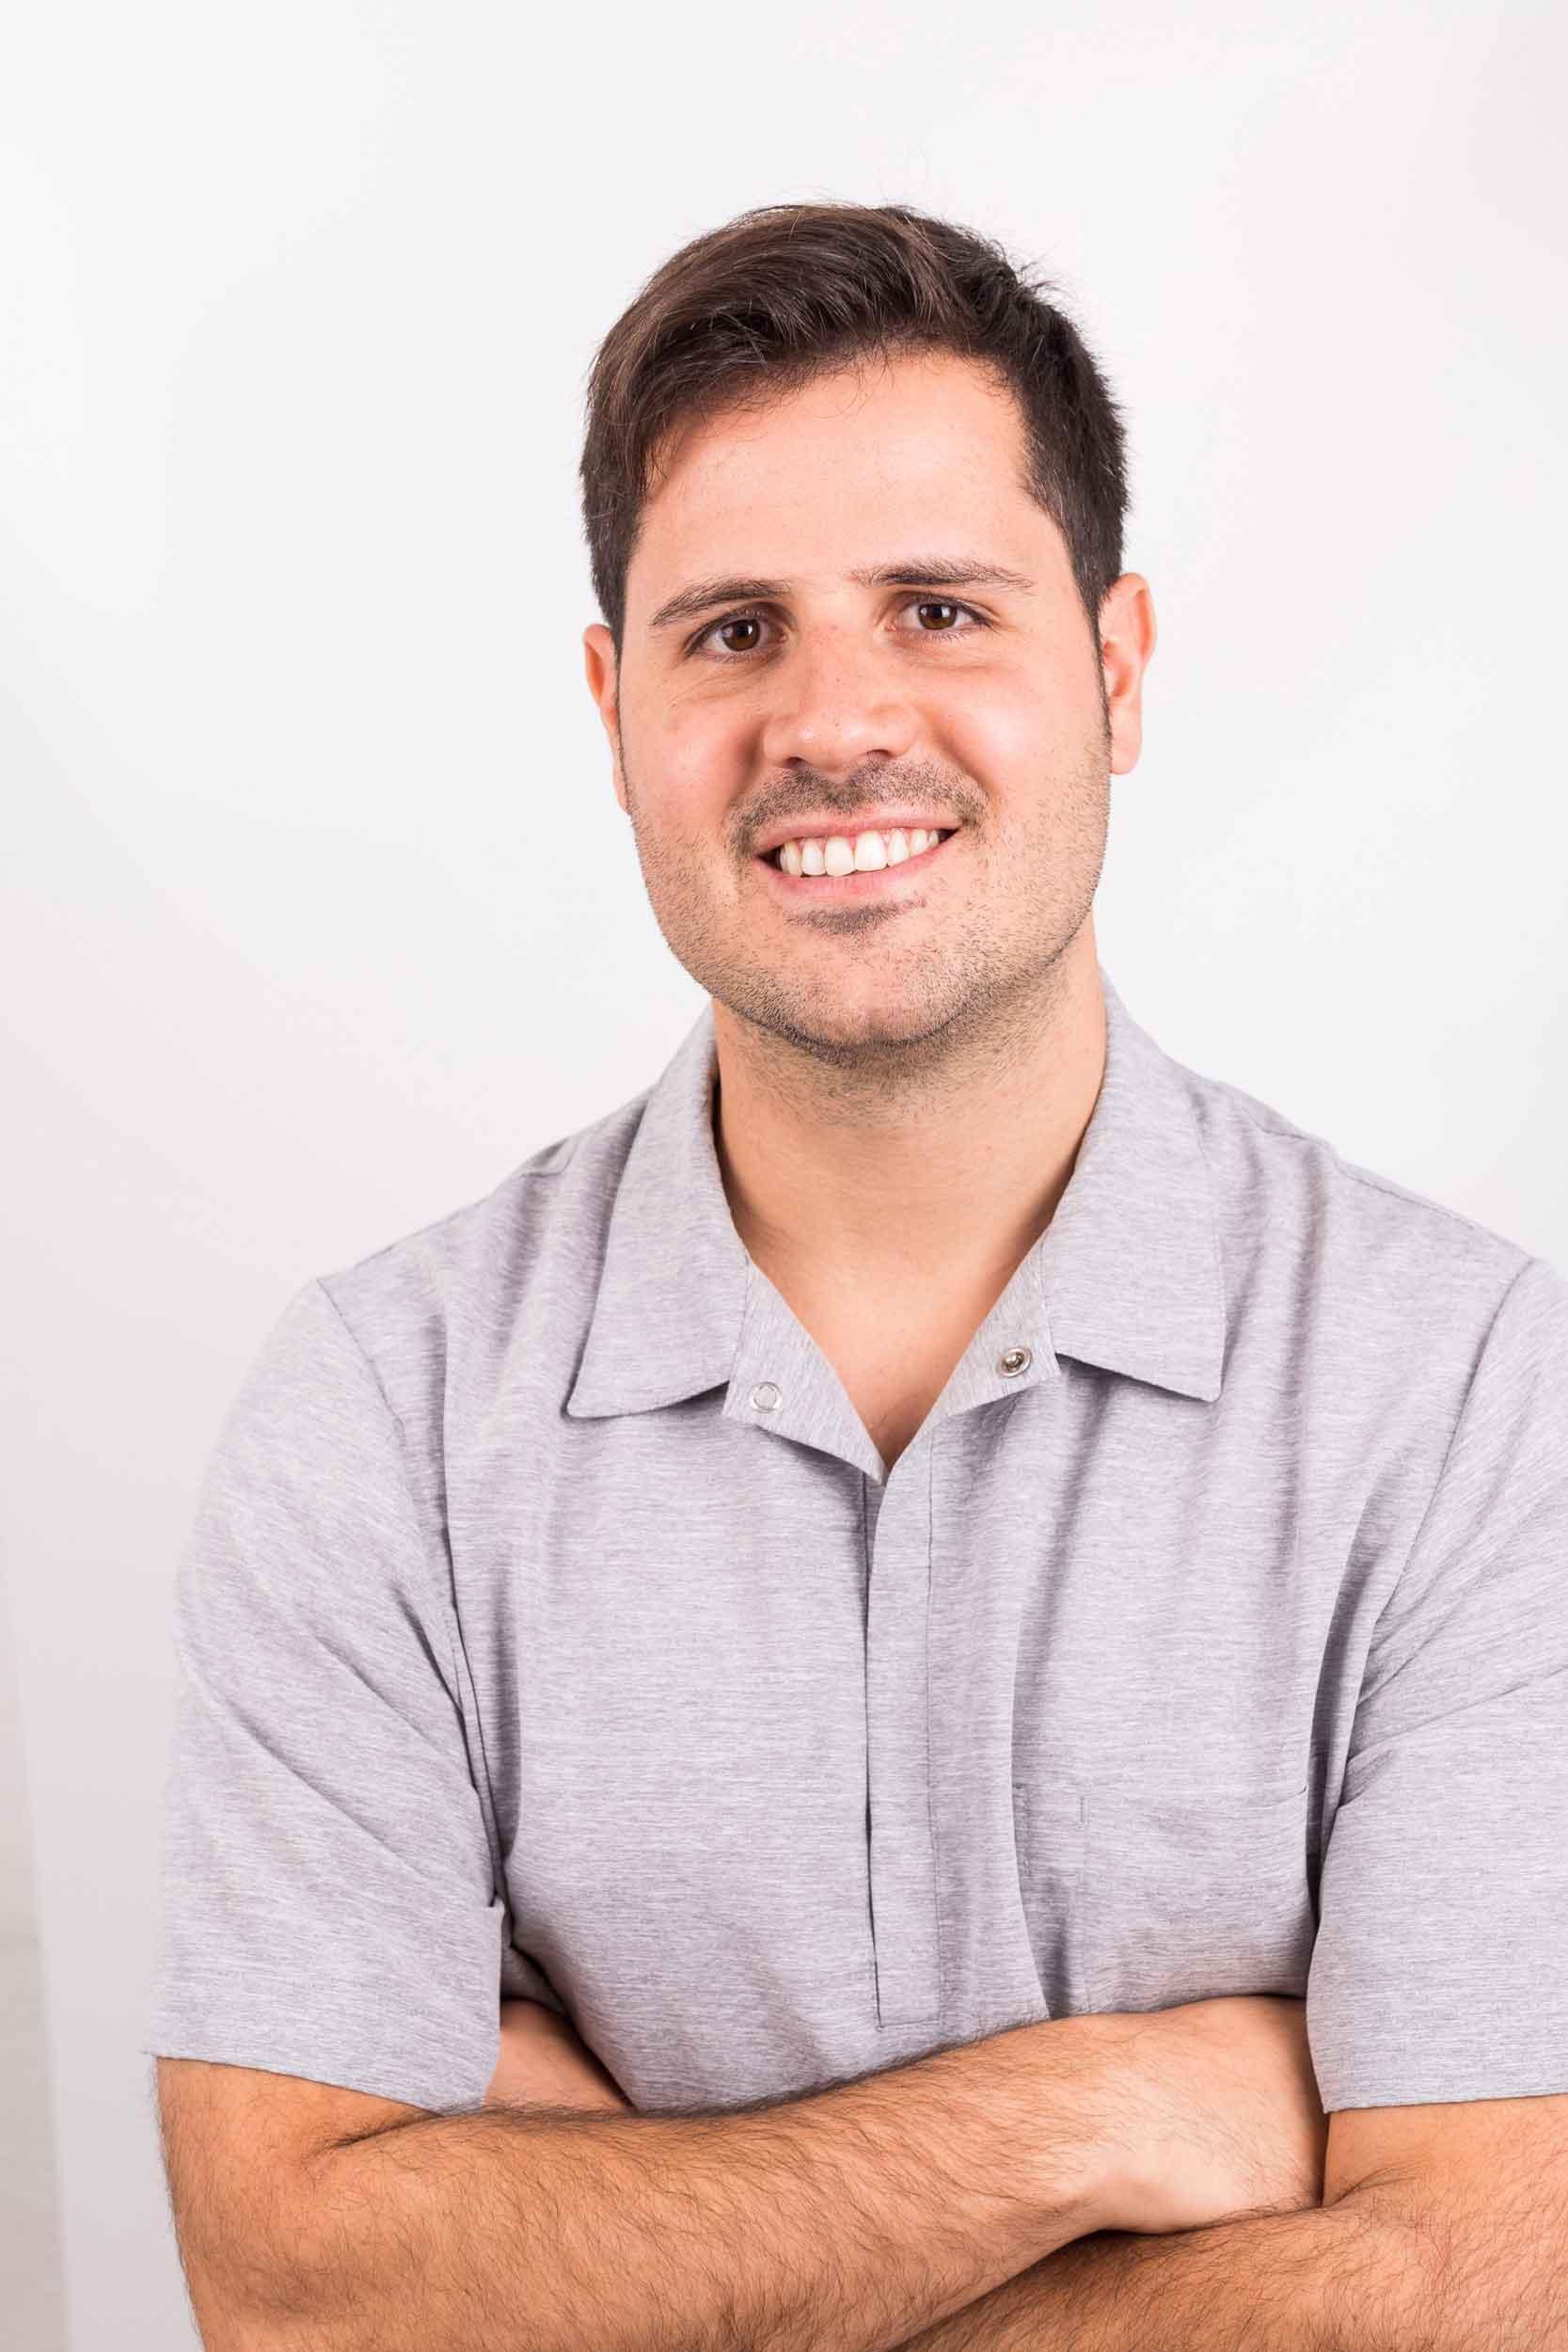 Guillermo-Hurtado-Hidalgo-Endodoncia-y-Odontología-Restauradora